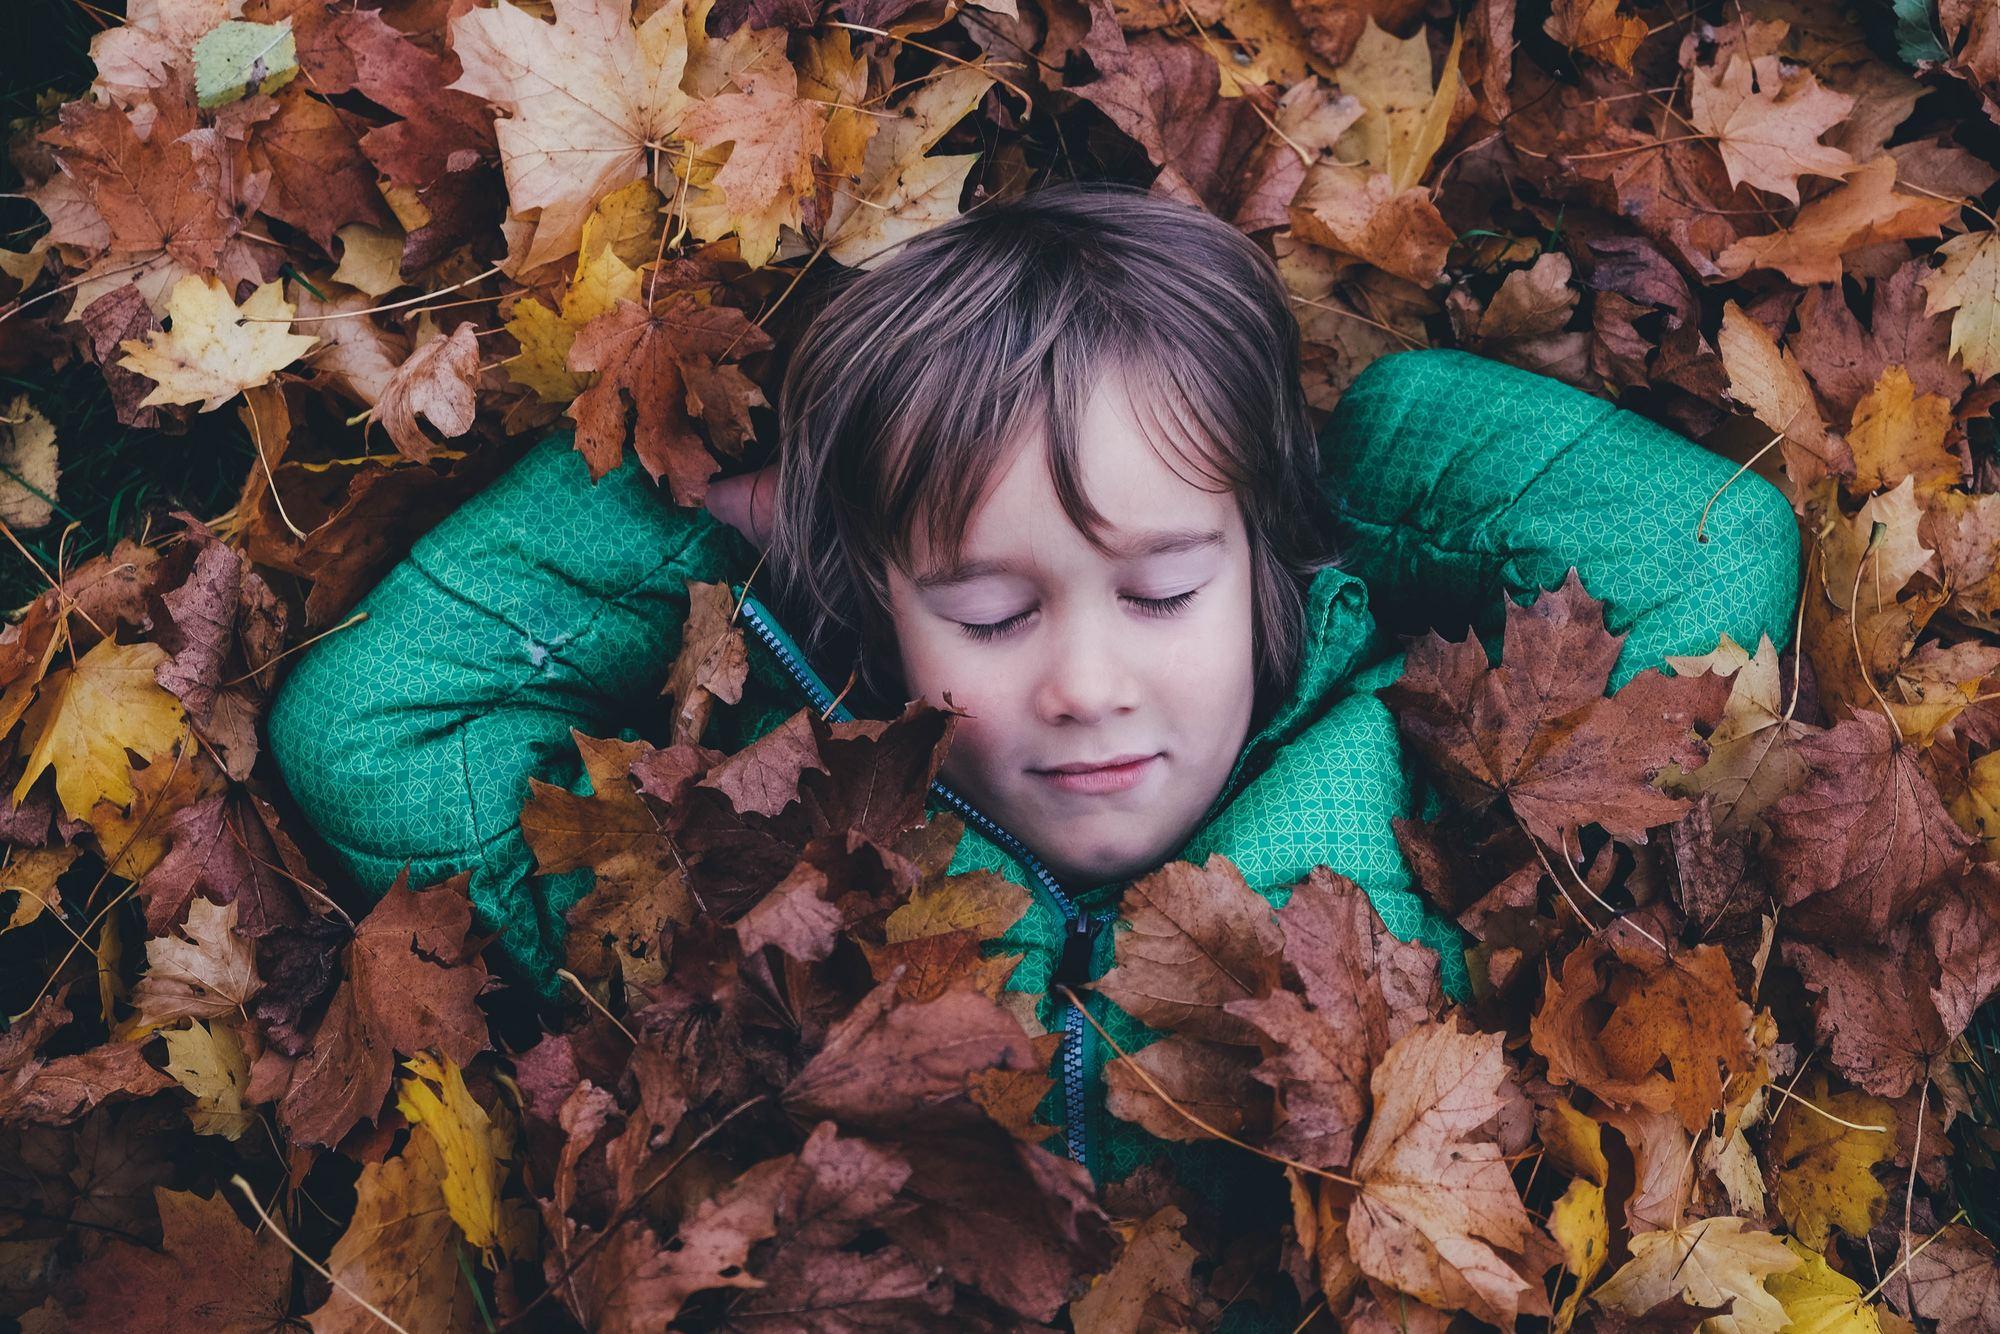 Criança vista de cima deitada em cima das mãos em cima de folhas de outono